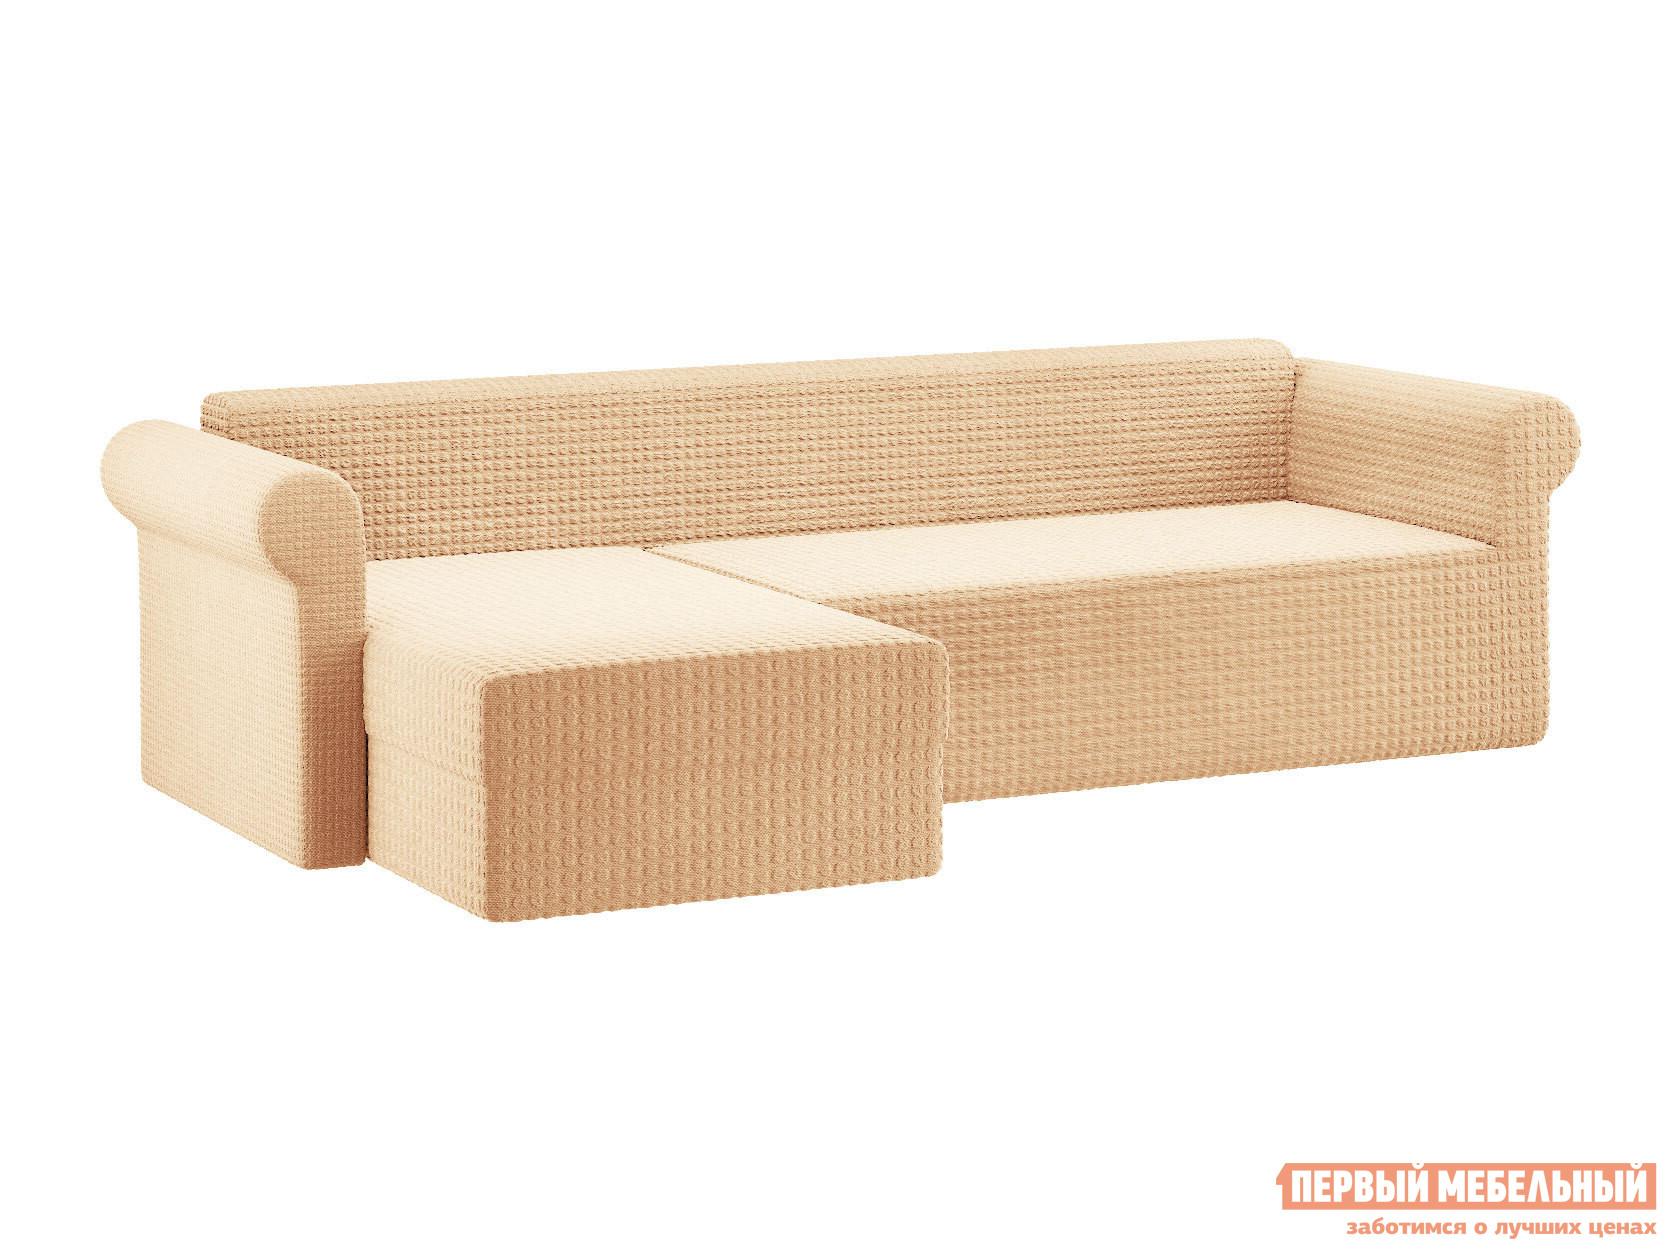 Фото - Чехол для углового дивана с оттоманкой Первый Мебельный Чехол на угловой диван с оттоманкой чехол для двухместного дивана первый мебельный чехол для дивана стамбул двухместный без юбки